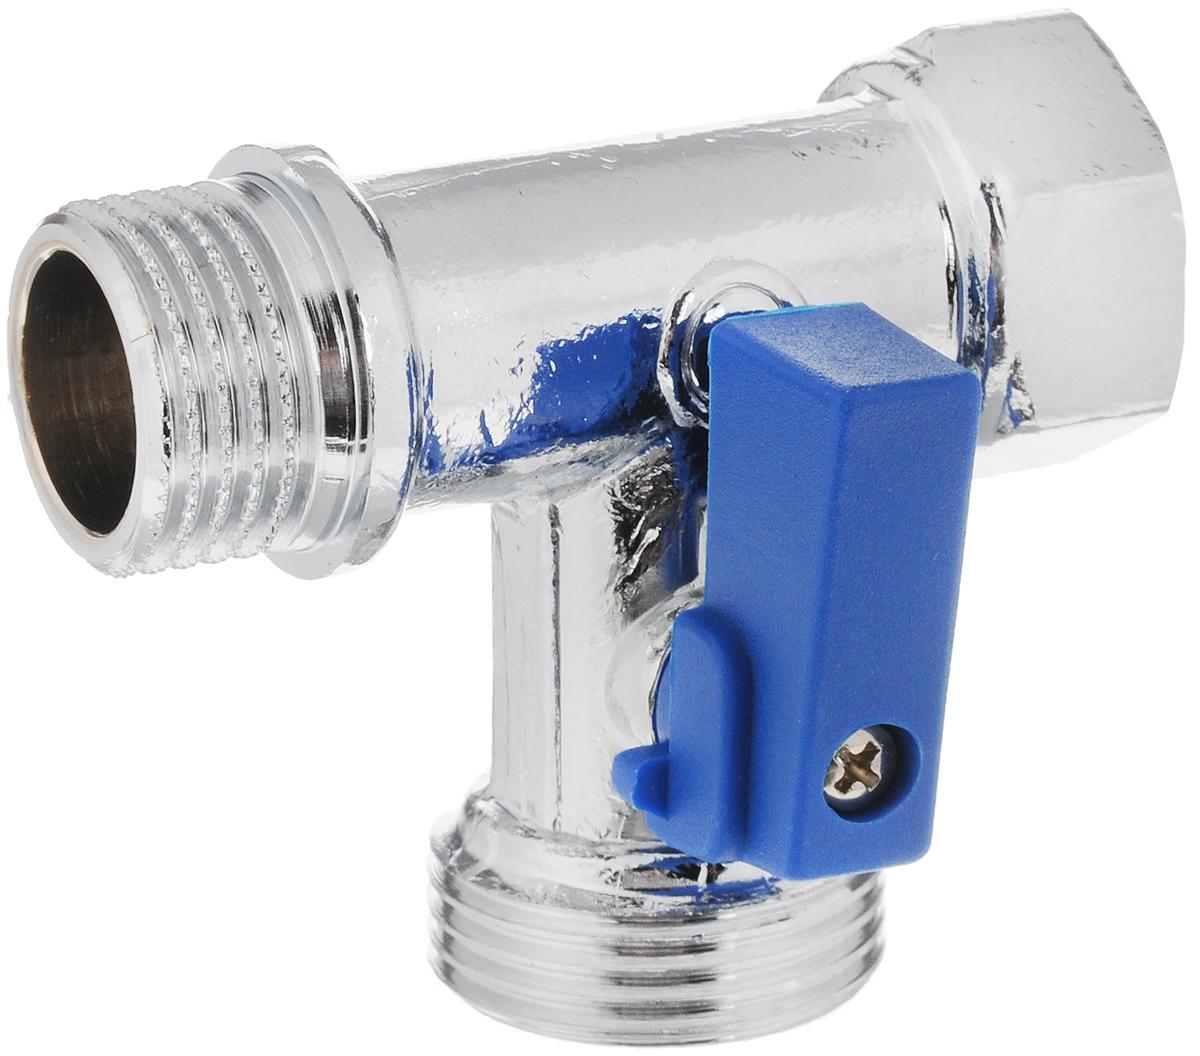 Кран шаровый Fornara, трехпроходной, г - ш - ш, 1/2 x 3/4 х 1/2059D-D-ITCOШаровый трехпроходной кран Fornara предназначен для подключения стиральных и посудомоечных машин, без изменения существующей разводки водоснабжения. Может устанавливаться, например, на отводе для наполнения унитаза, или на отводе воды для кухонного смесителя, где благодаря данному крану появляется дополнительный, перекрываемый отвод для подключения стиральной или посудомоечной машины.